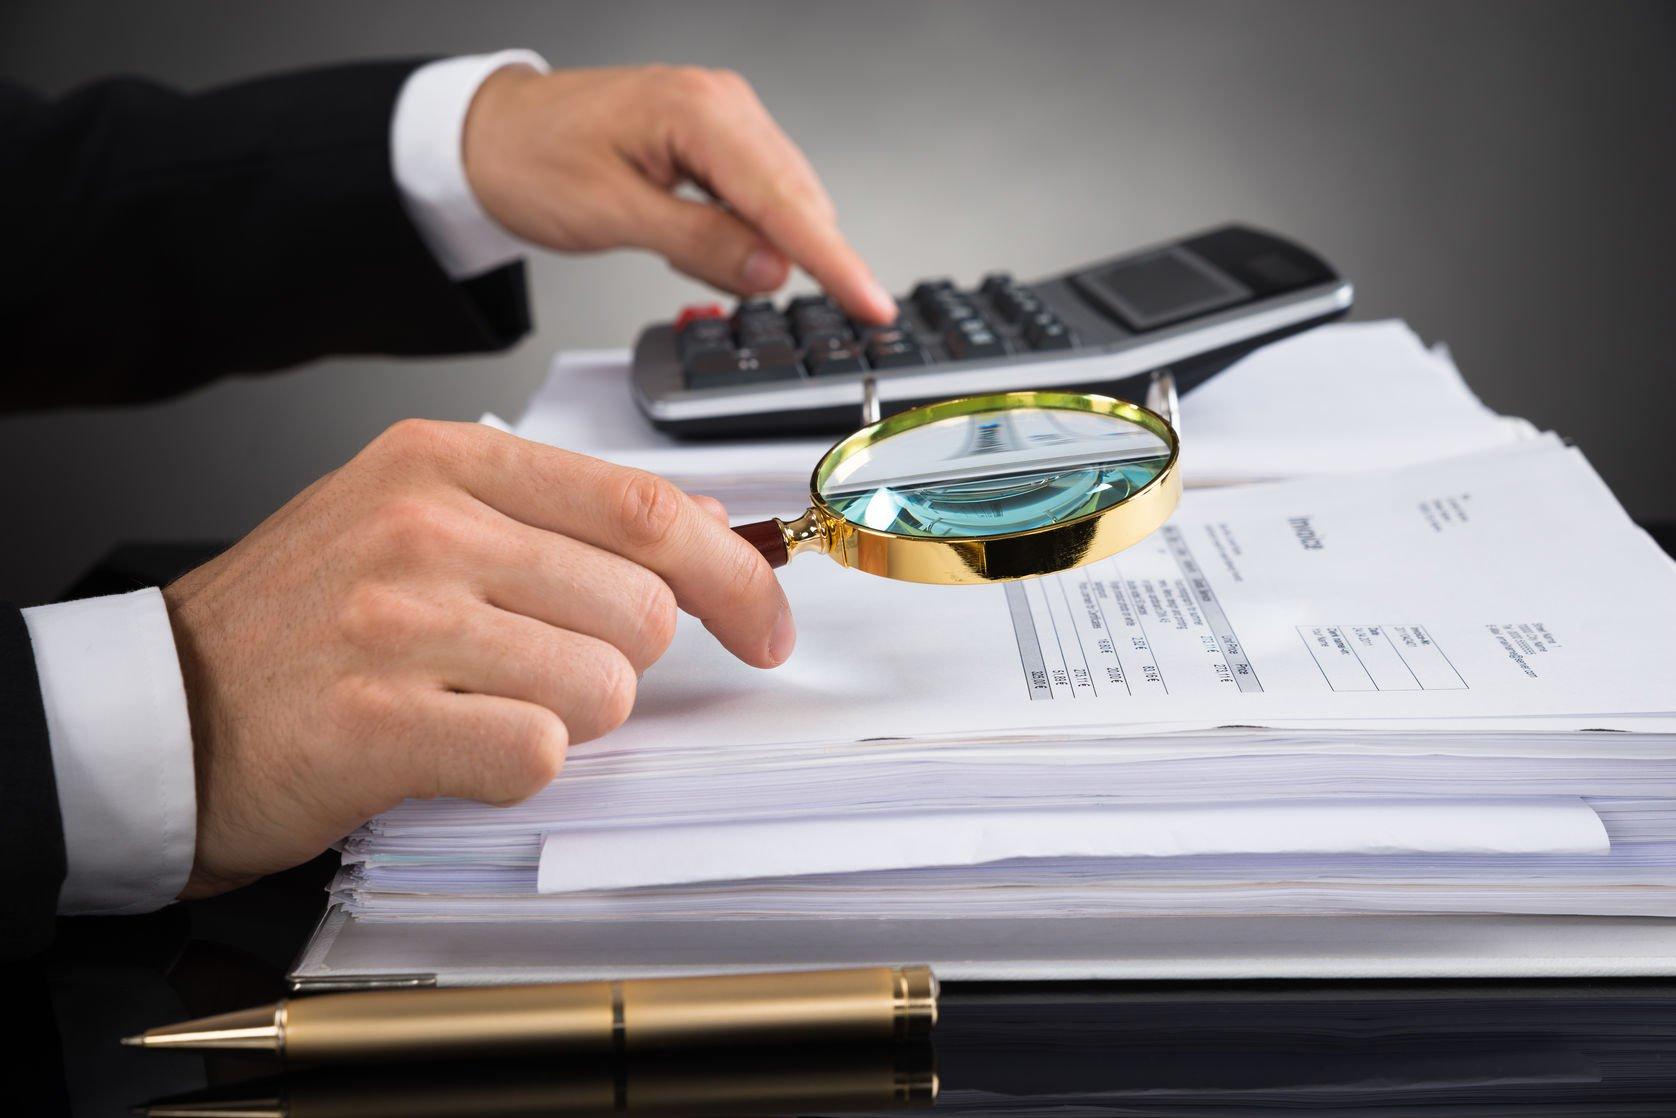 Daftar Pinjaman Online Cepat Cair Terbaru